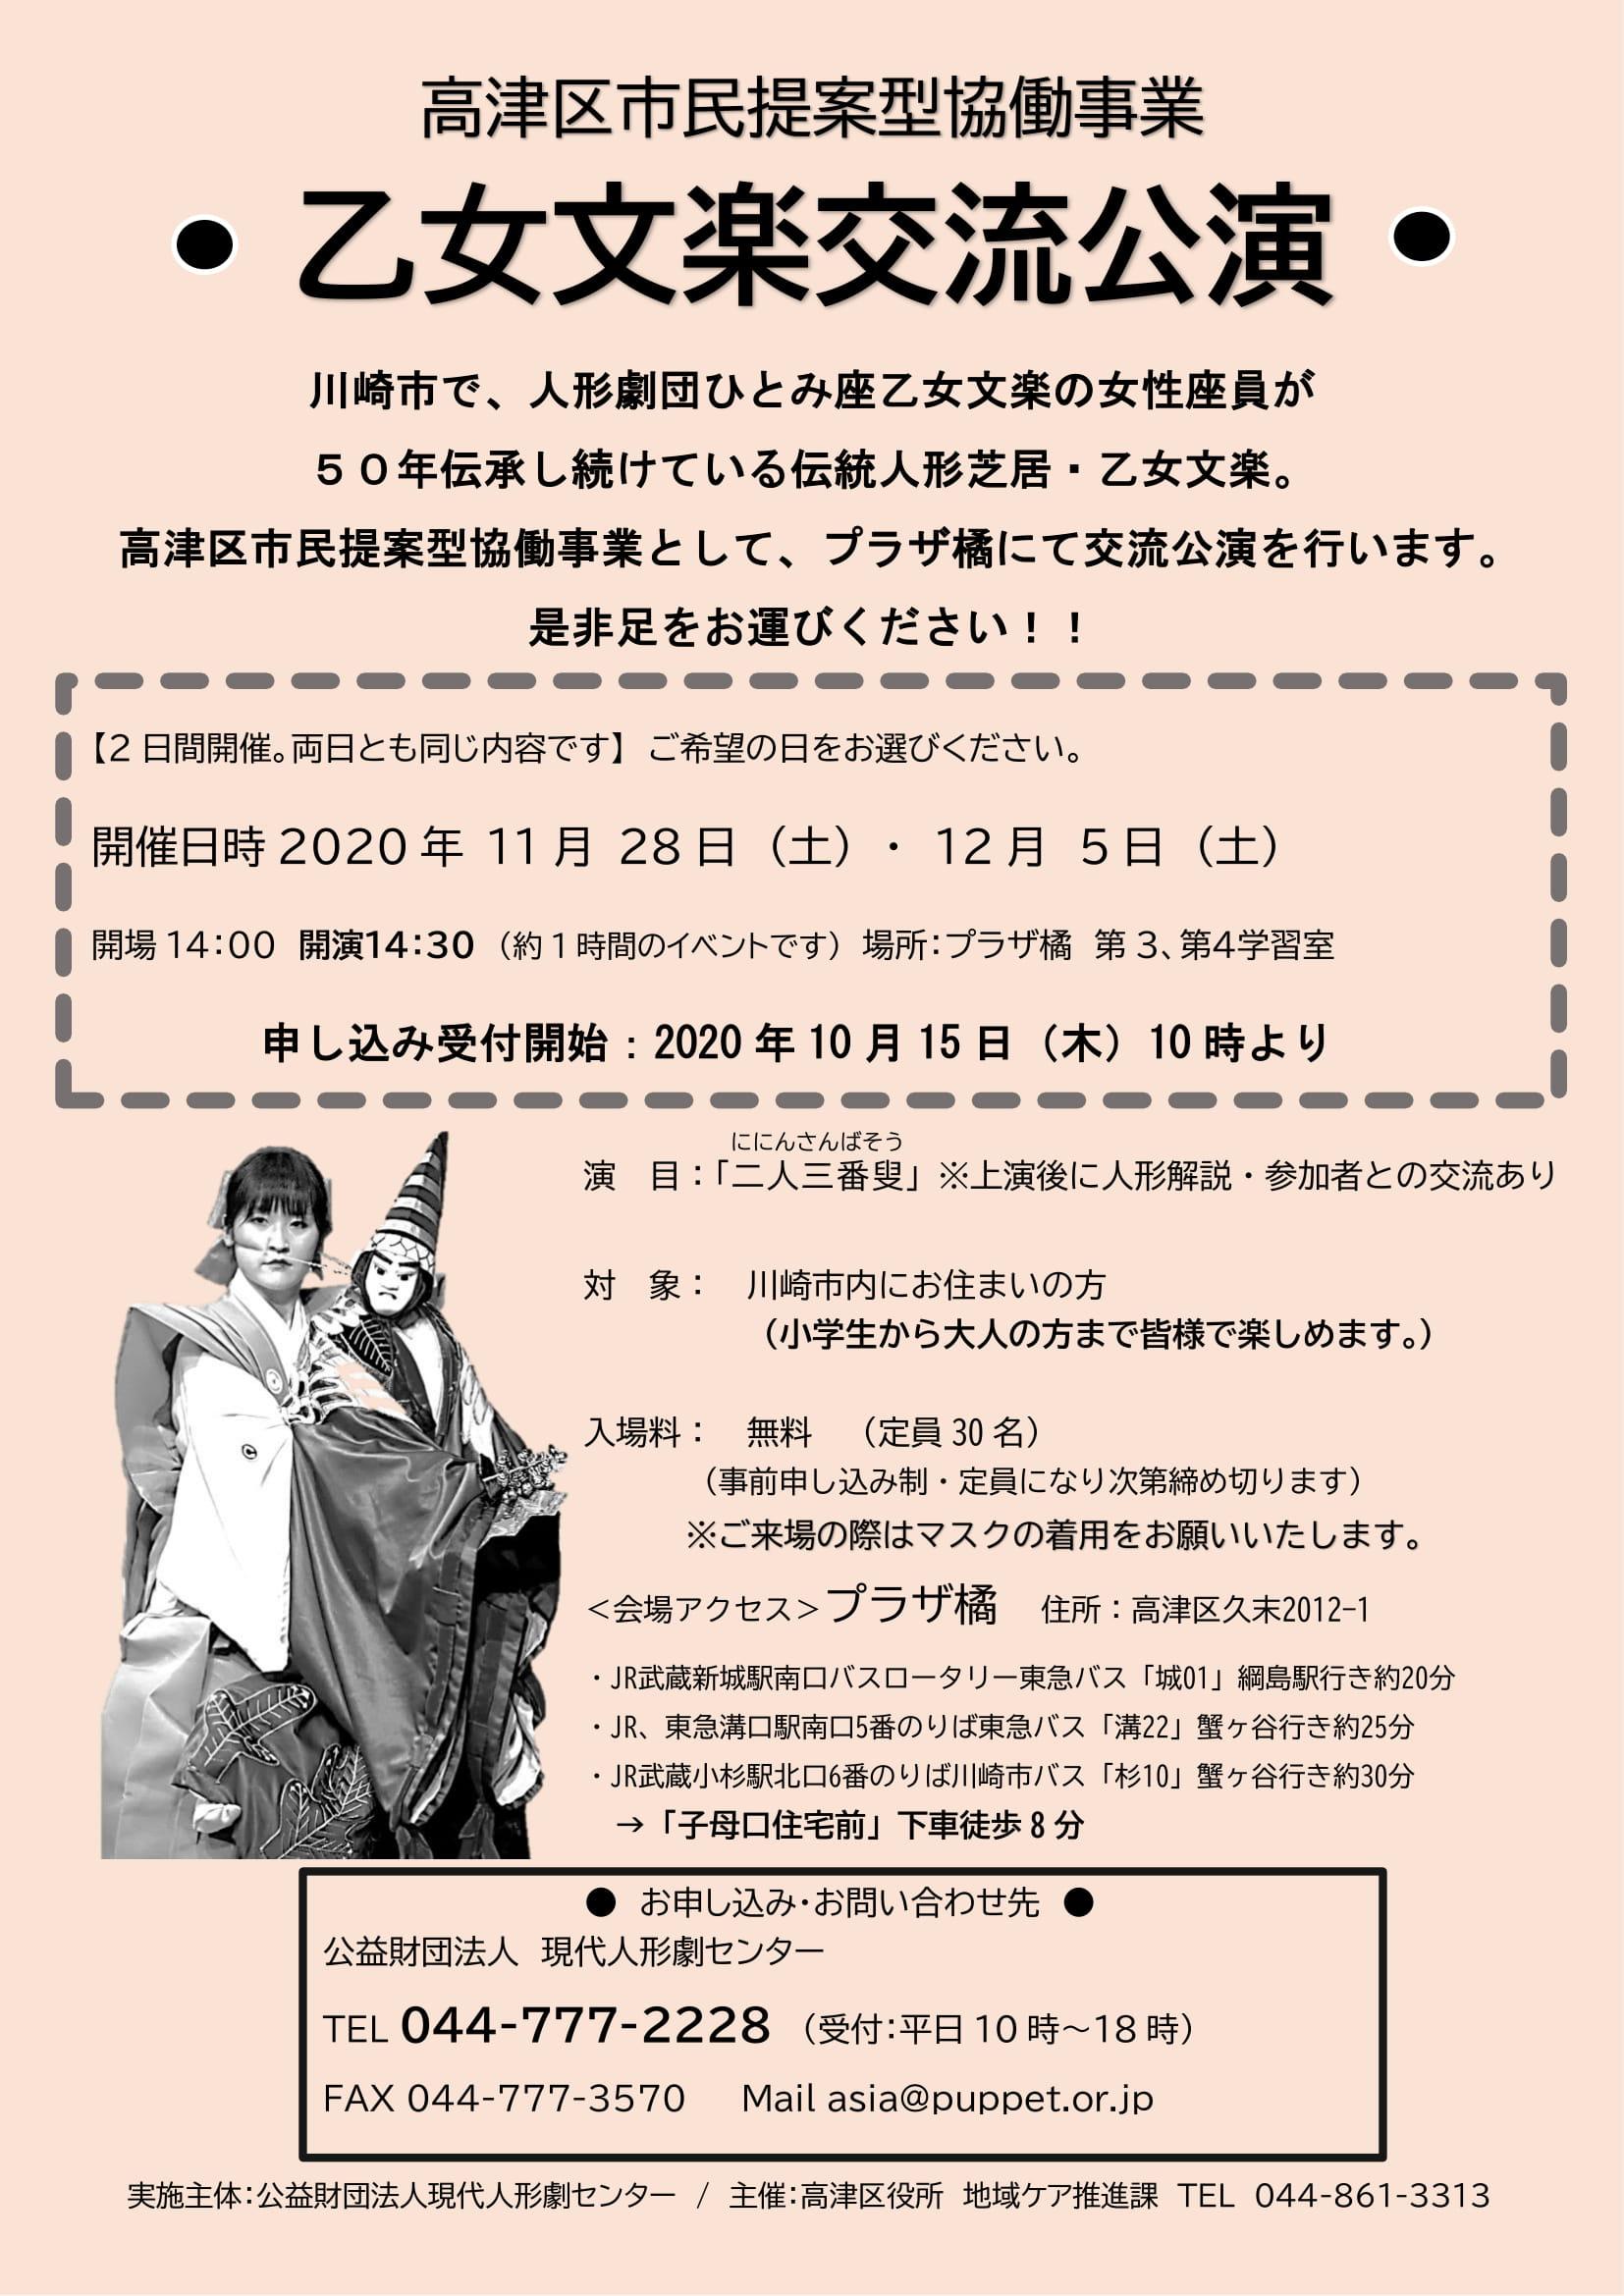 《イベント情報》乙女文楽交流公演